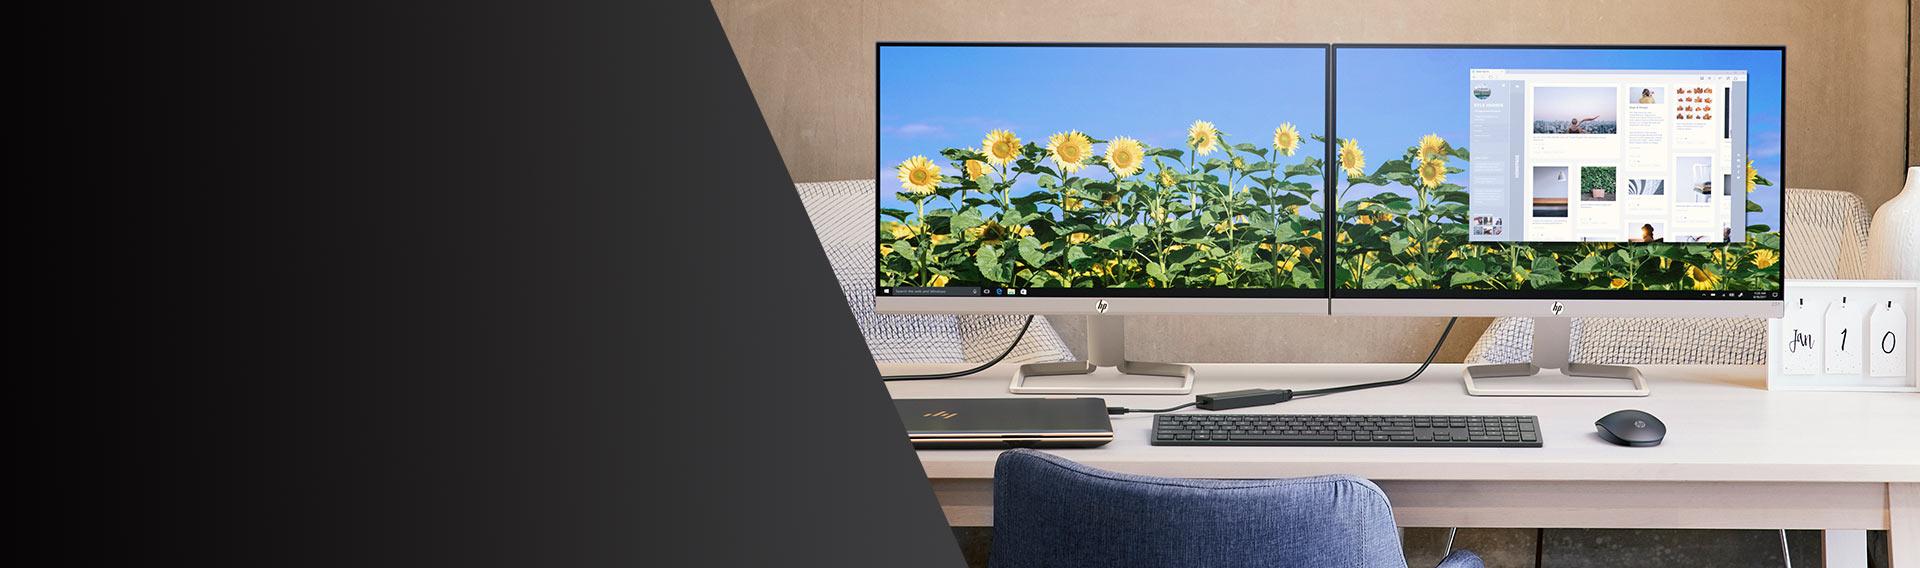 Monitores HP. Ahorra hasta 10%*. Disfruta la belleza de la claridad y nitidez.